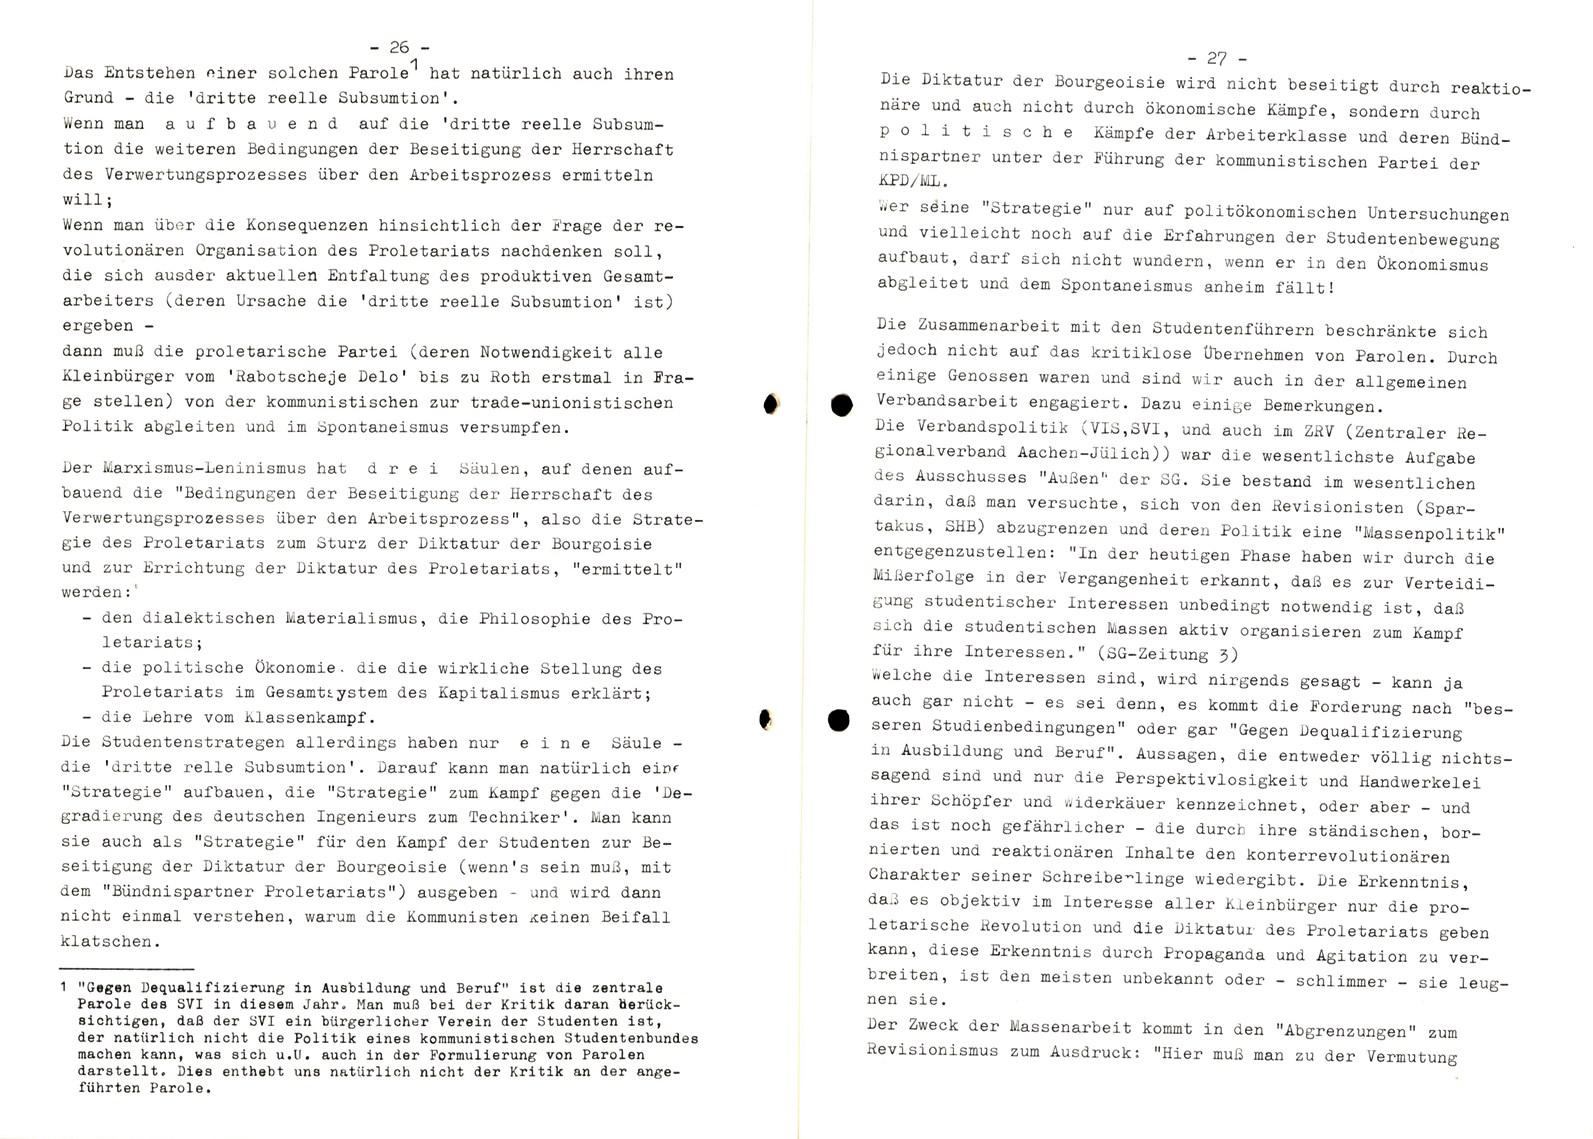 Aachen_KSBML_1971_Selbstkritik_15